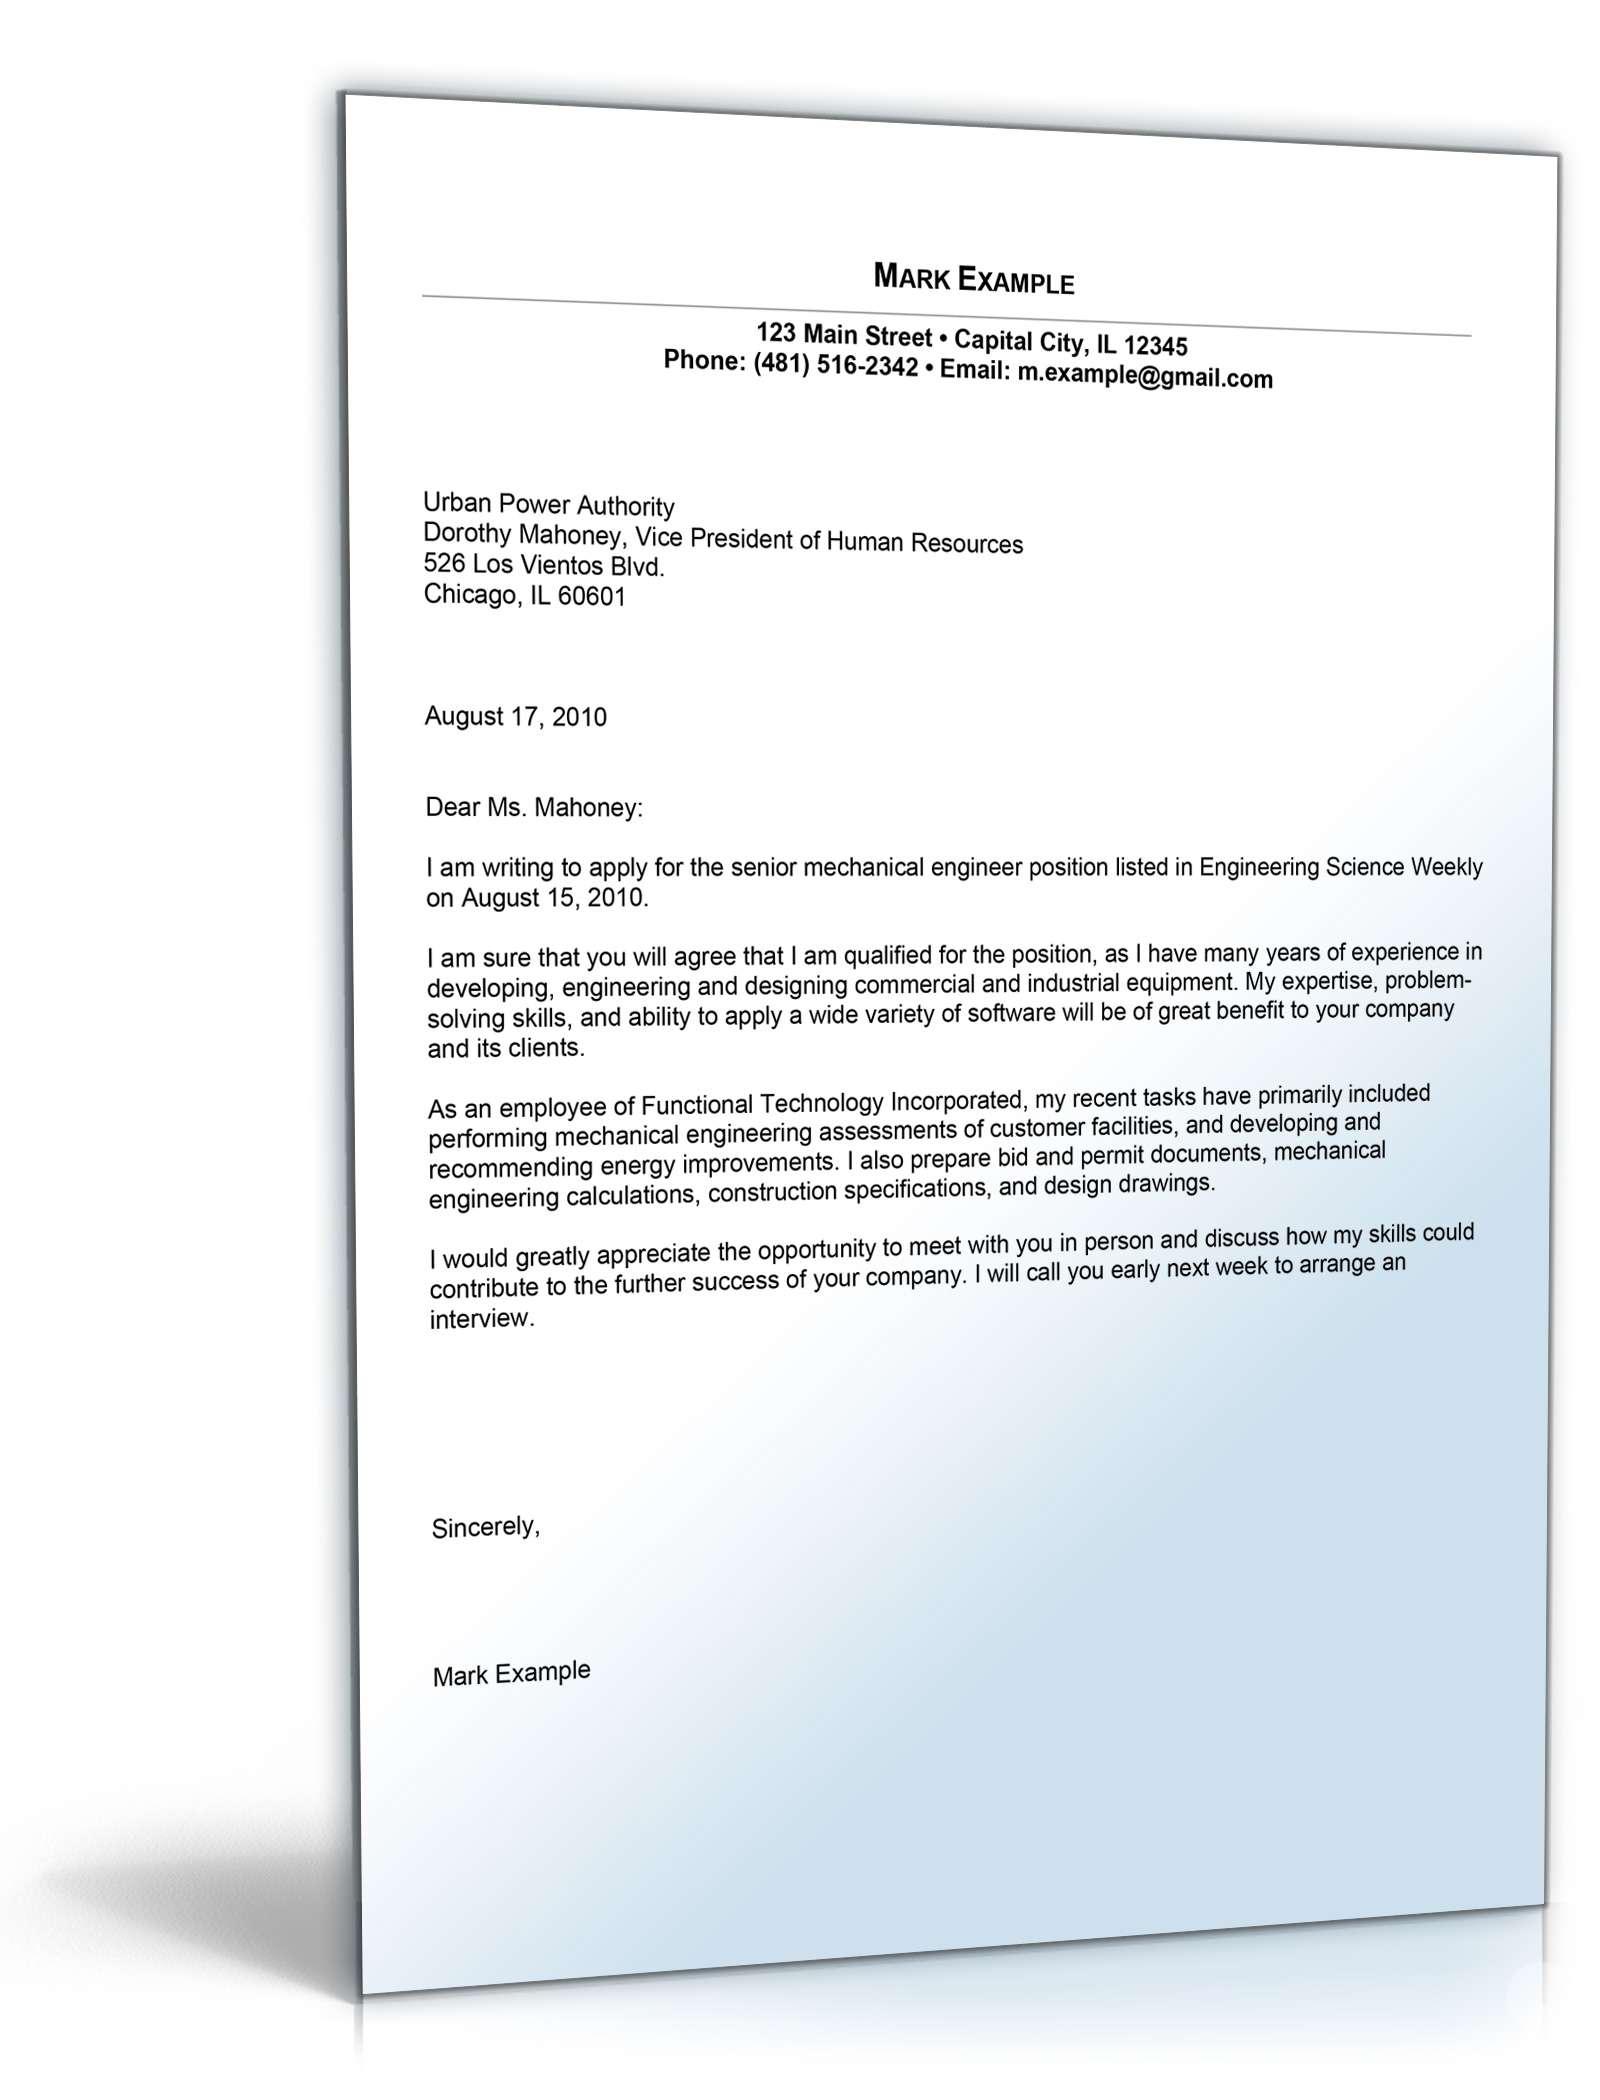 Cover letter auf englisch beispiel